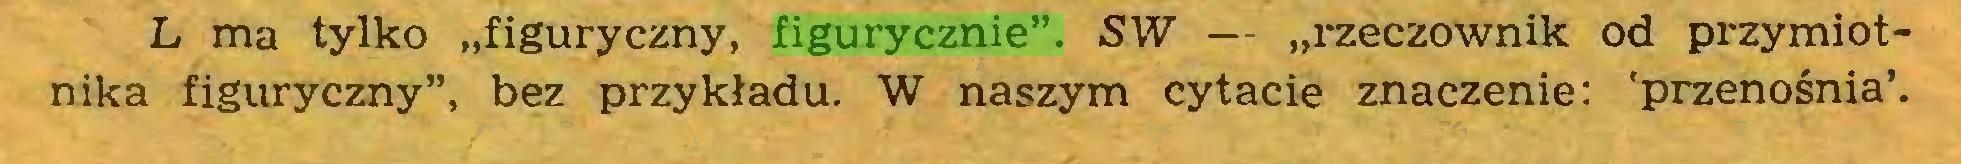 """(...) L ma tylko """"figuryczny, figurycznie"""". SW — """"rzeczownik od przymiotnika figuryczny"""", bez przykładu. W naszym cytacie znaczenie: 'przenośnia'..."""